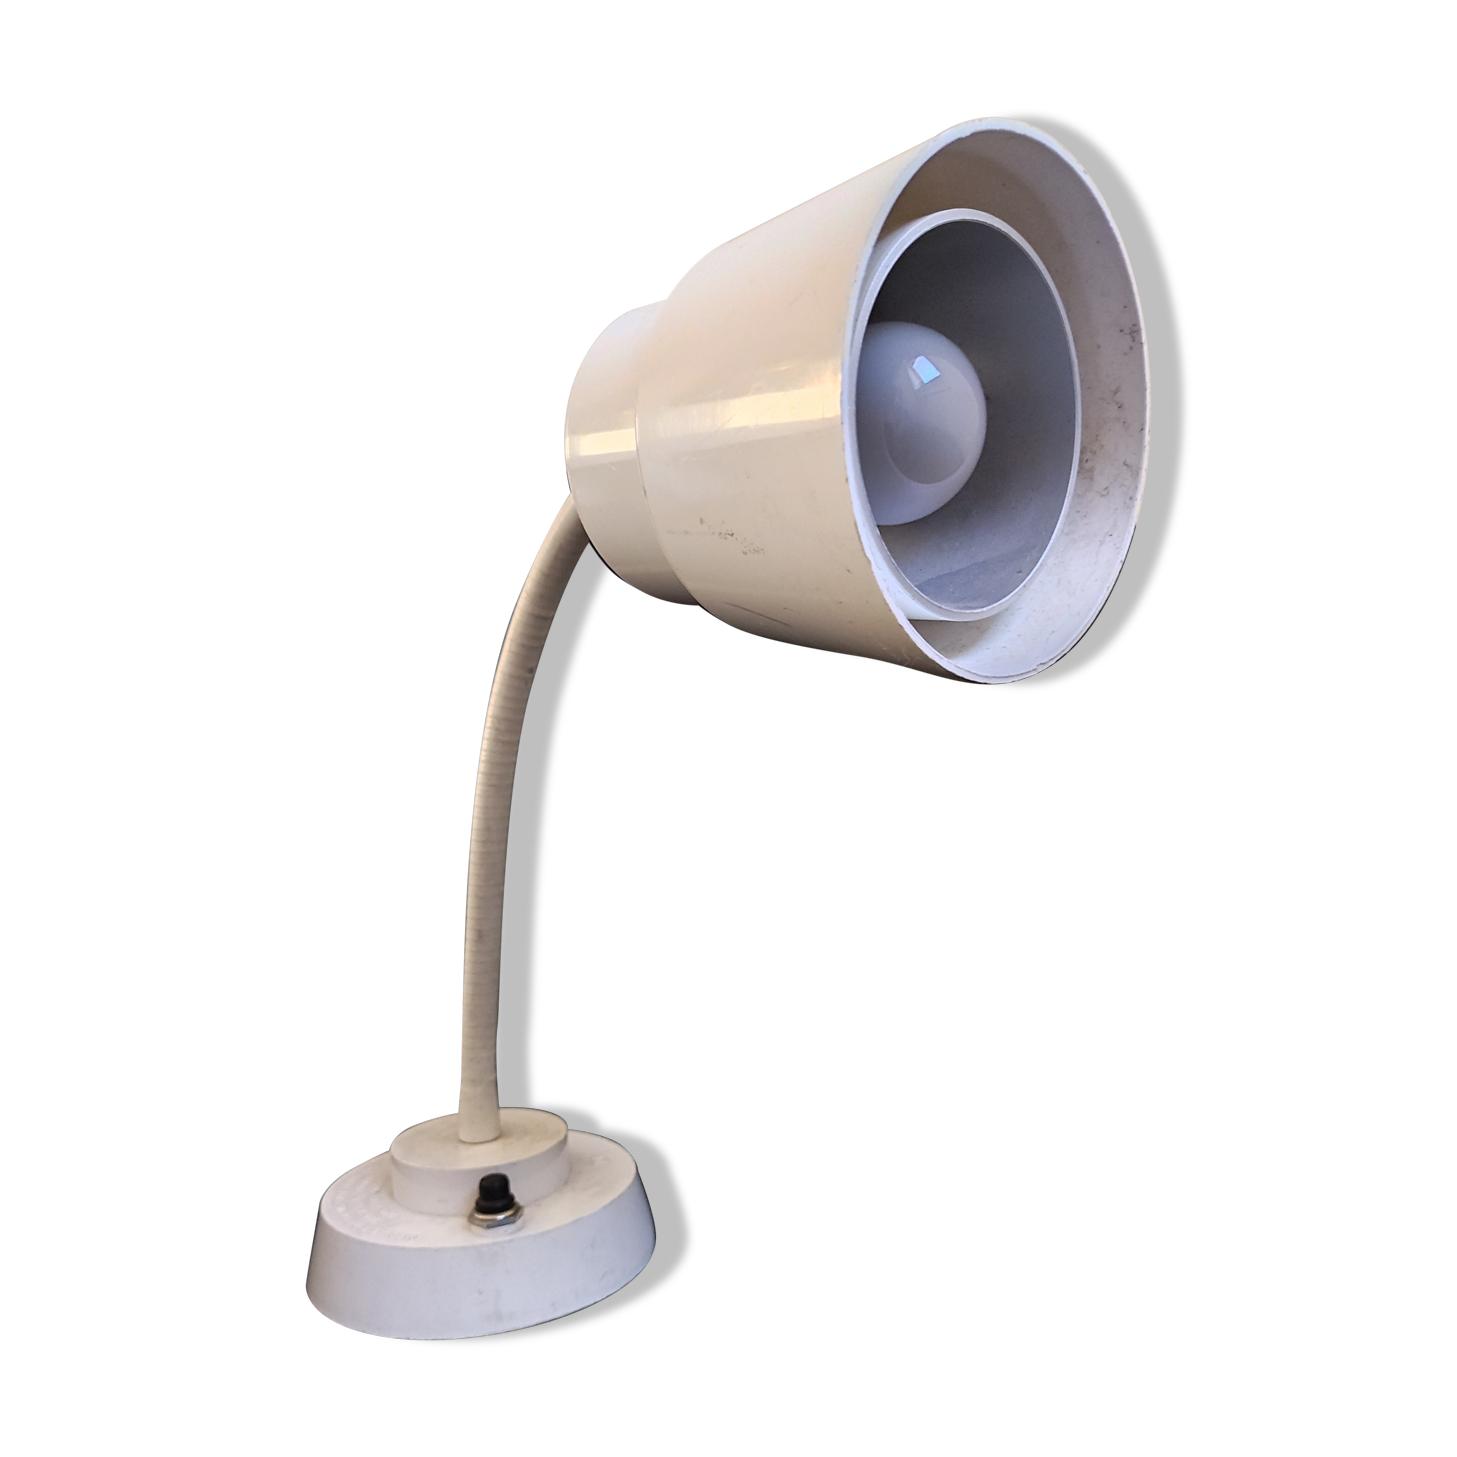 Lampe de bureau atelier laboratoire articulée vintage Jeulin France